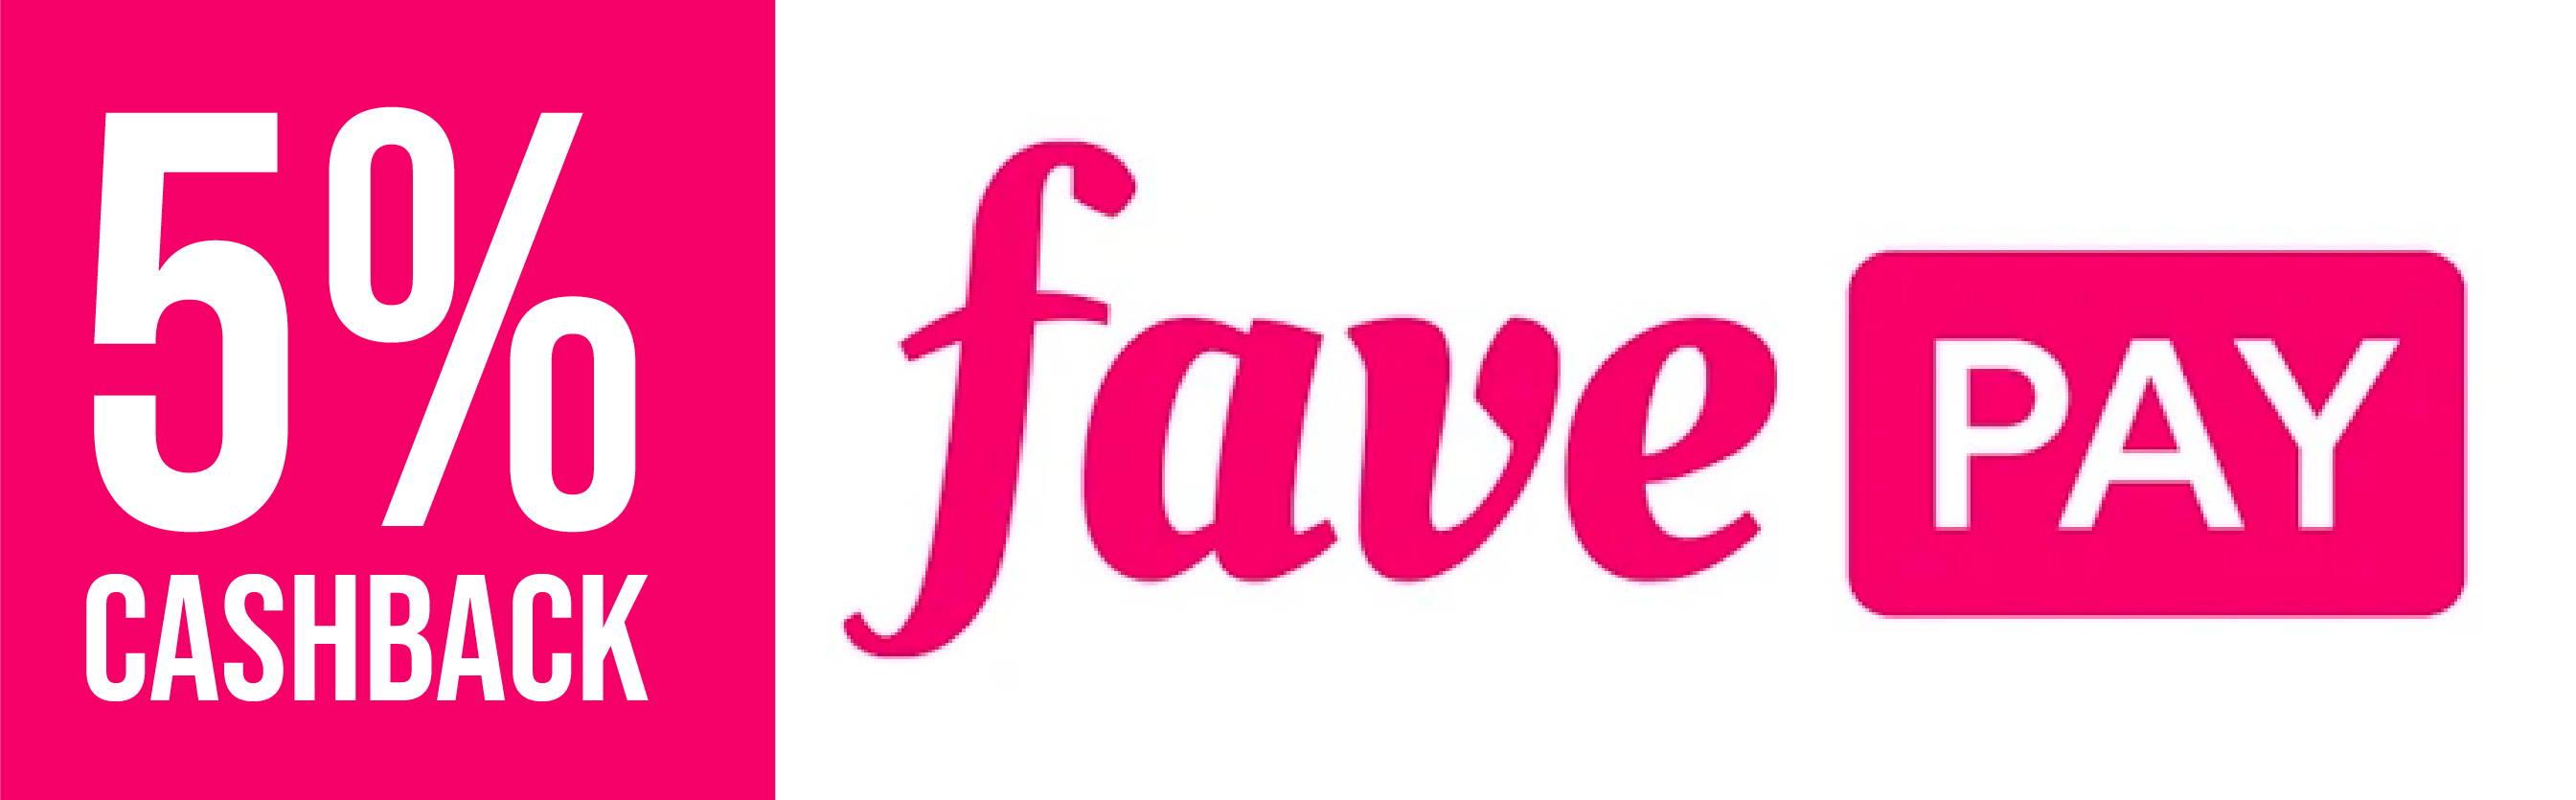 favepay 5% cashback pet supplies buy online pet shop singapore pawpy kisses.